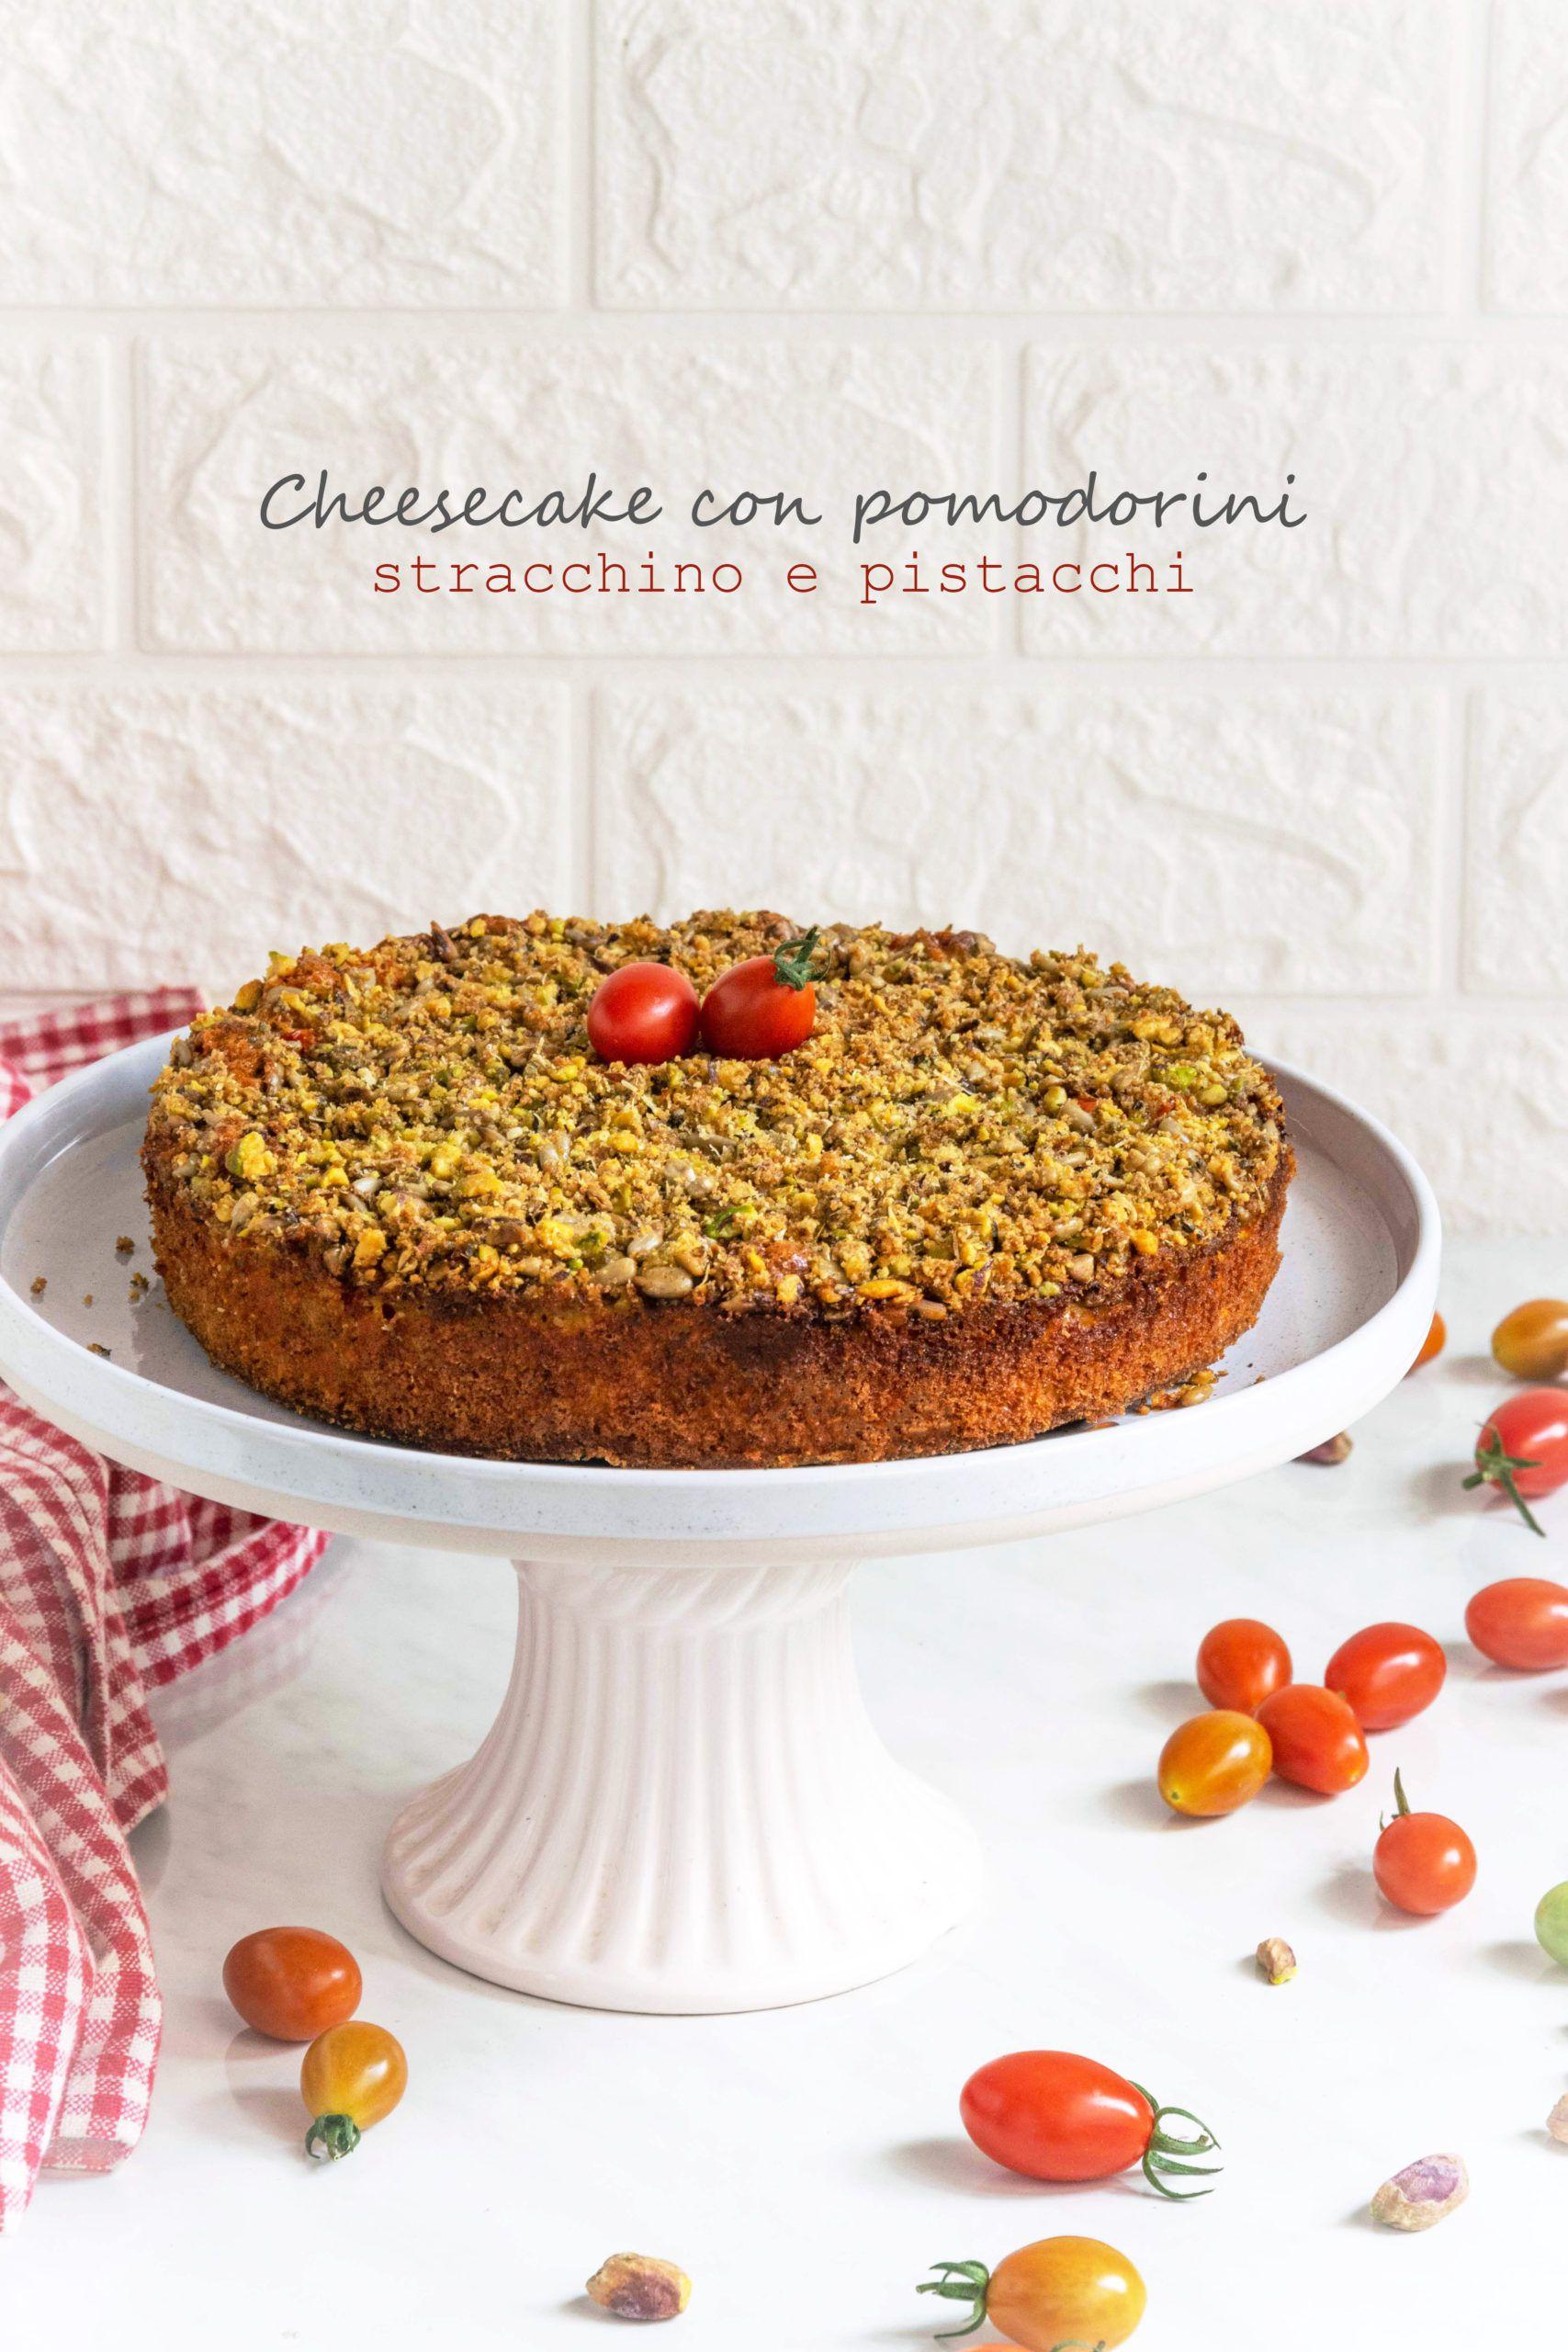 Cheesecake con pomodorini